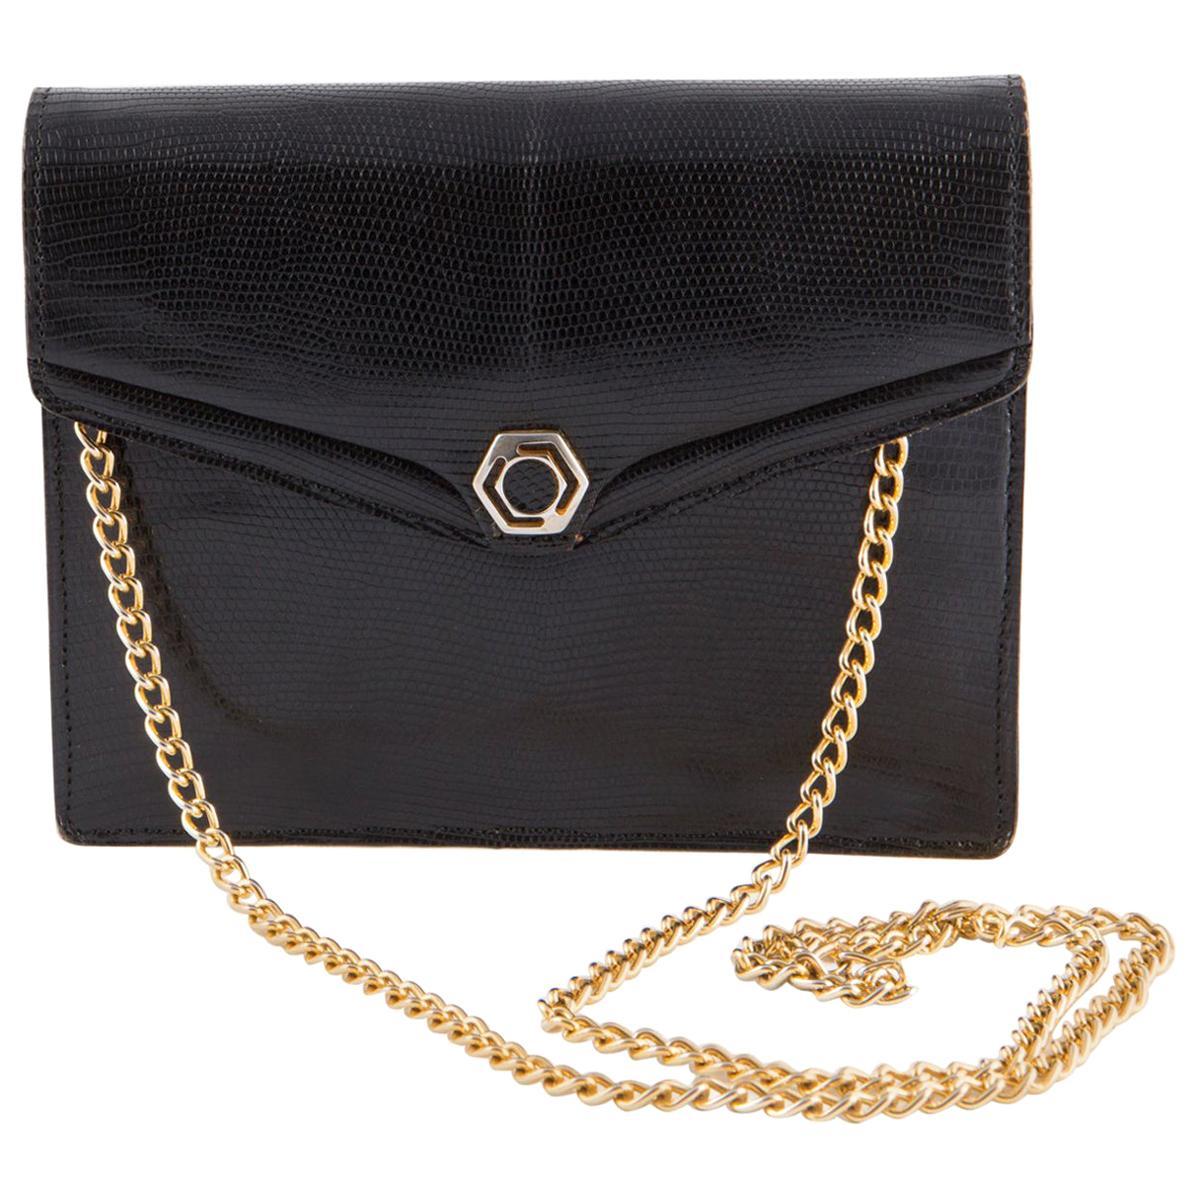 1960s Black Leather Evening Chain Shoulder Bag